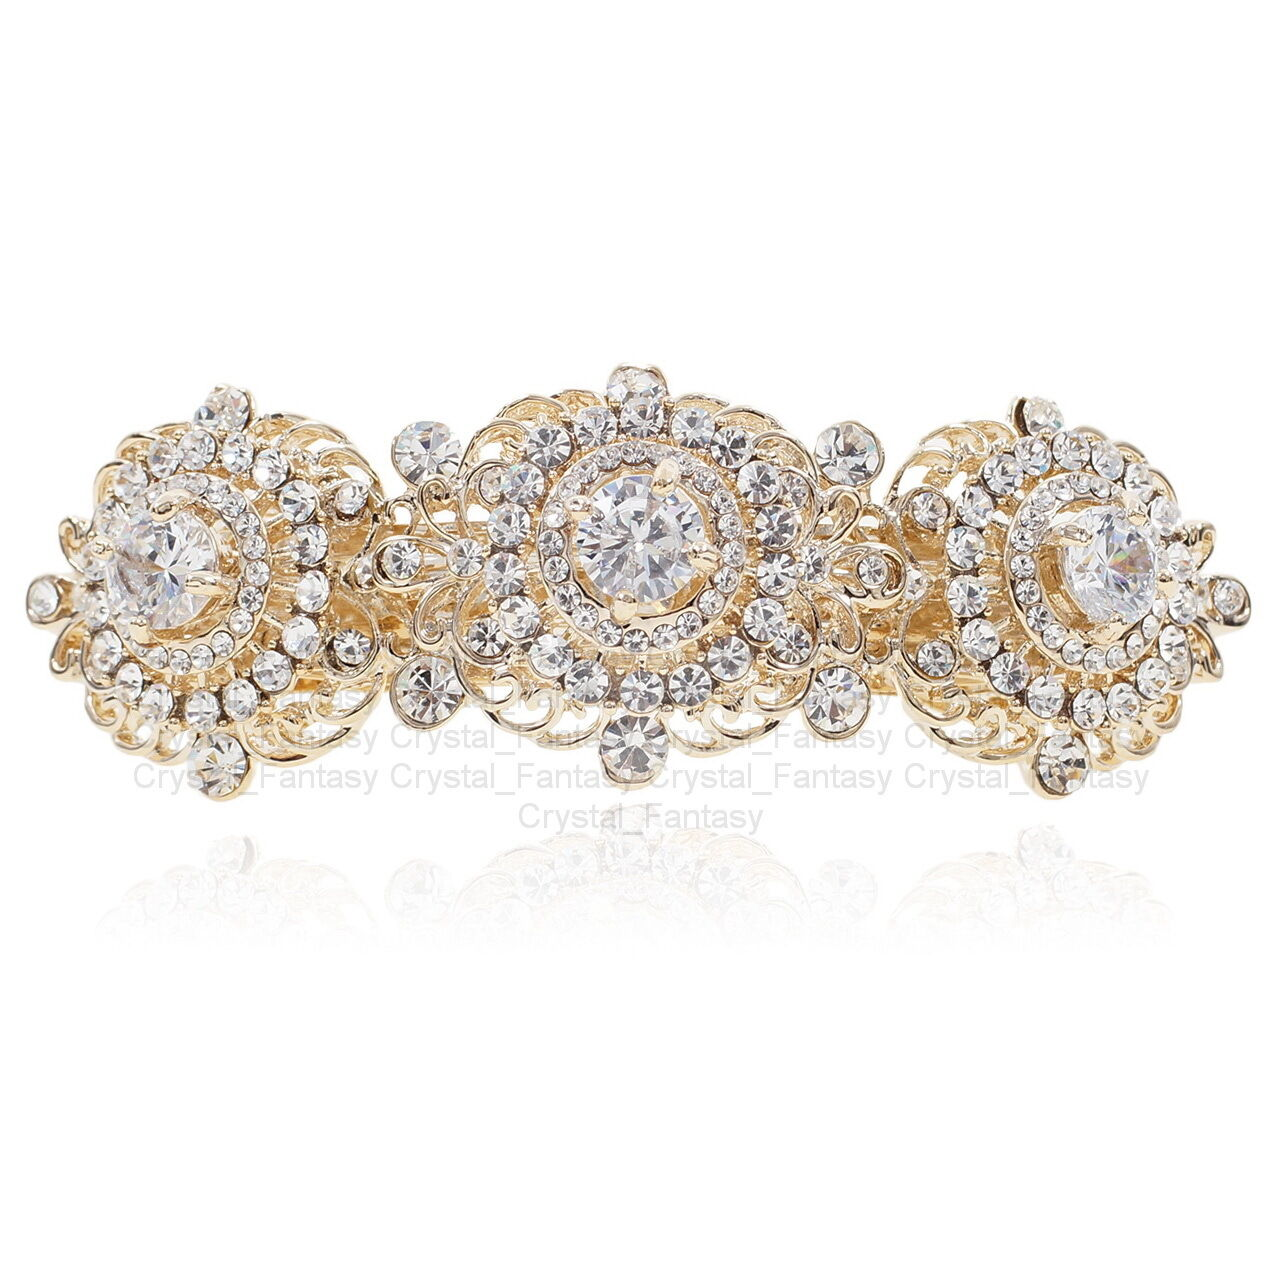 BD05 Elegant Clear S. Crystal Rhinestone CZ Gold Tone Alloy Barrette Hair Clip